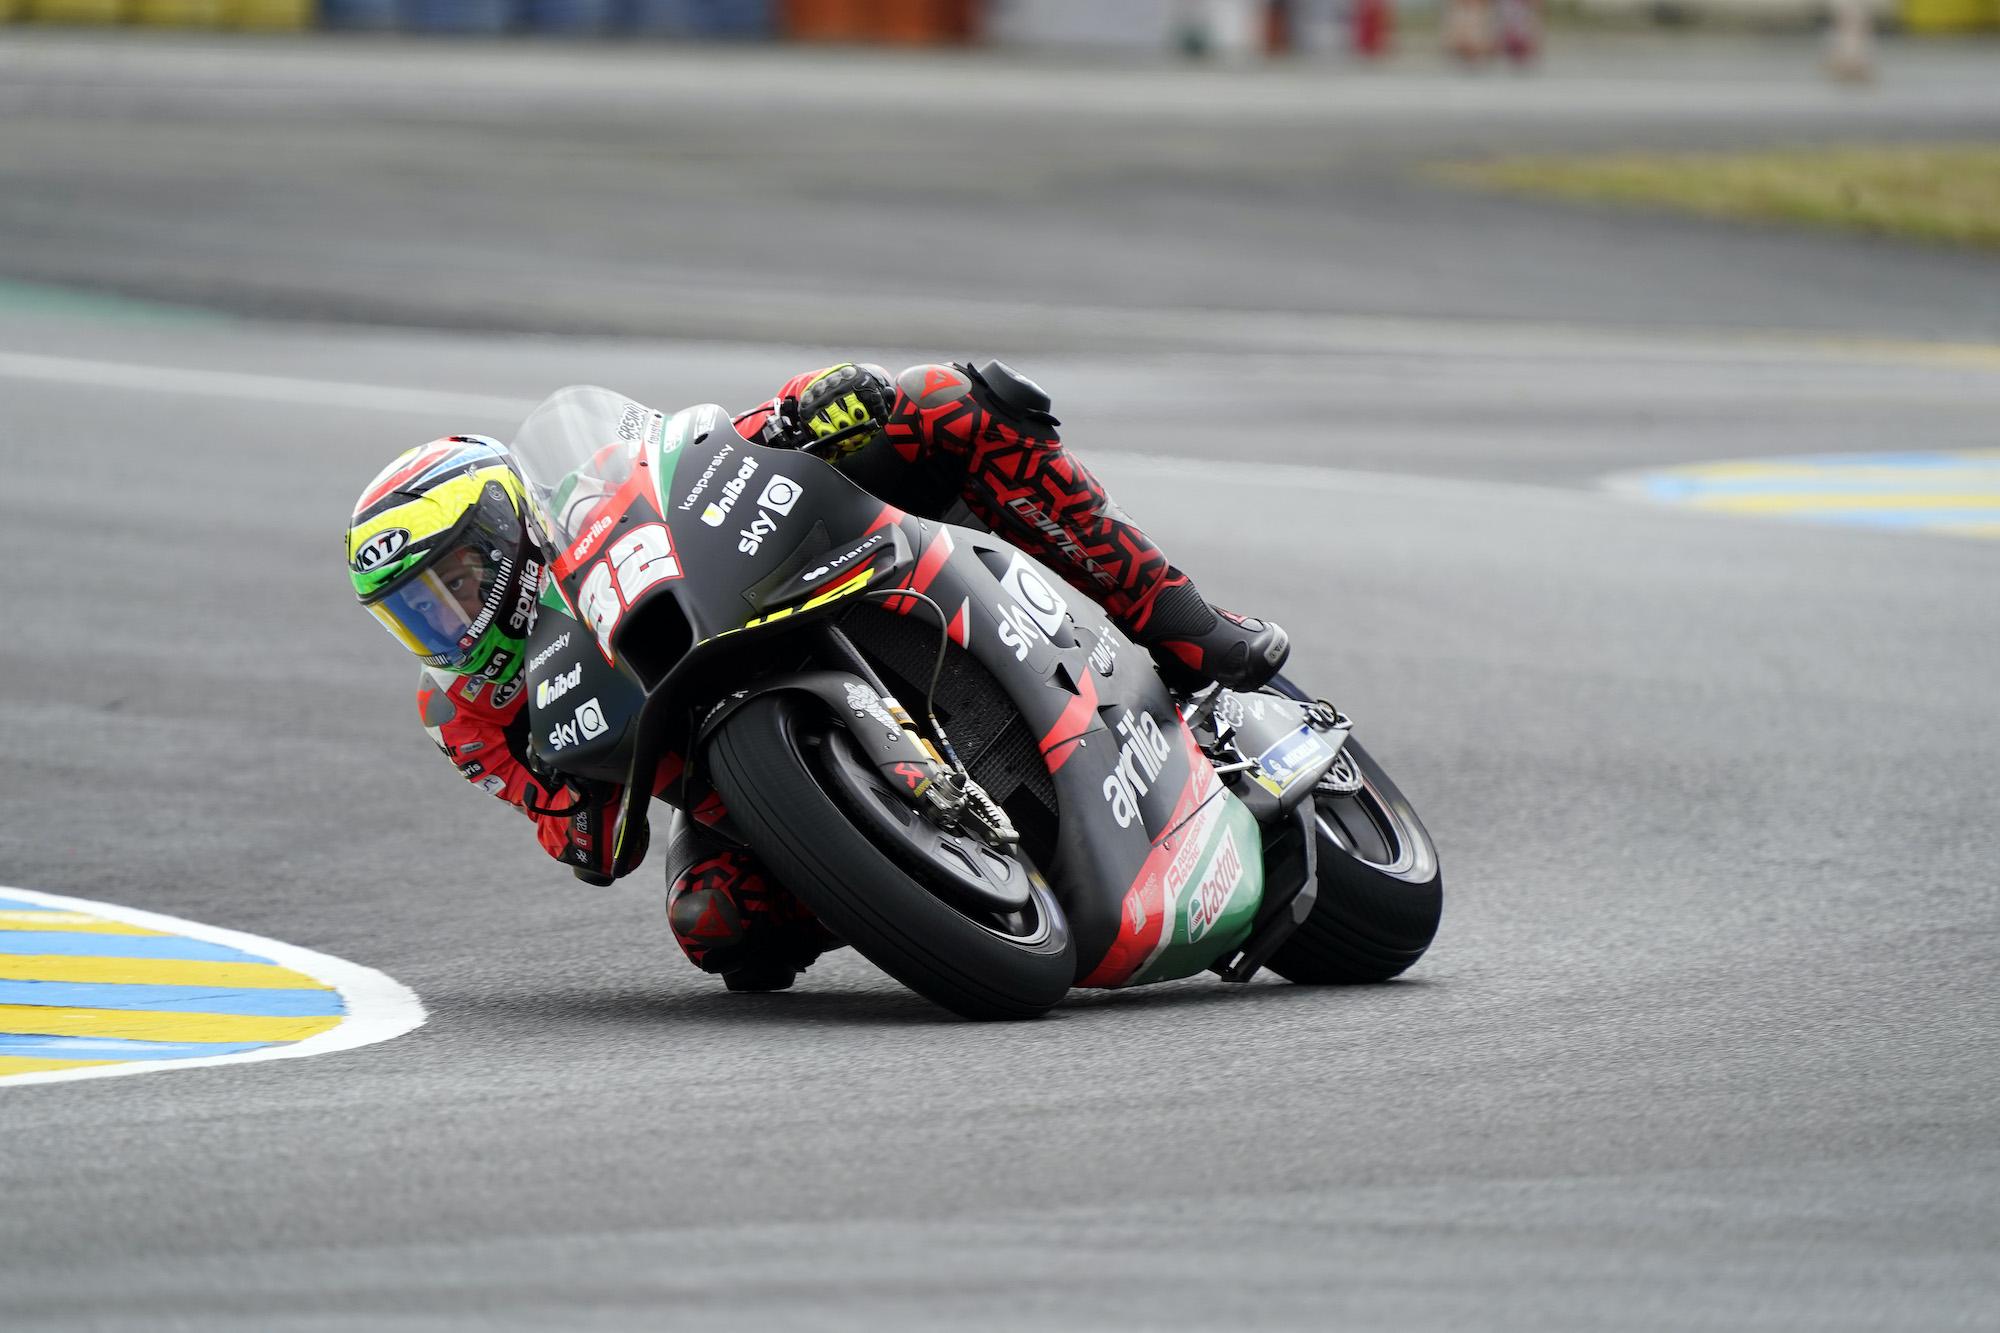 Lorenzo Savadori w akcji na torze Le Mans podczas GP Francji 2021